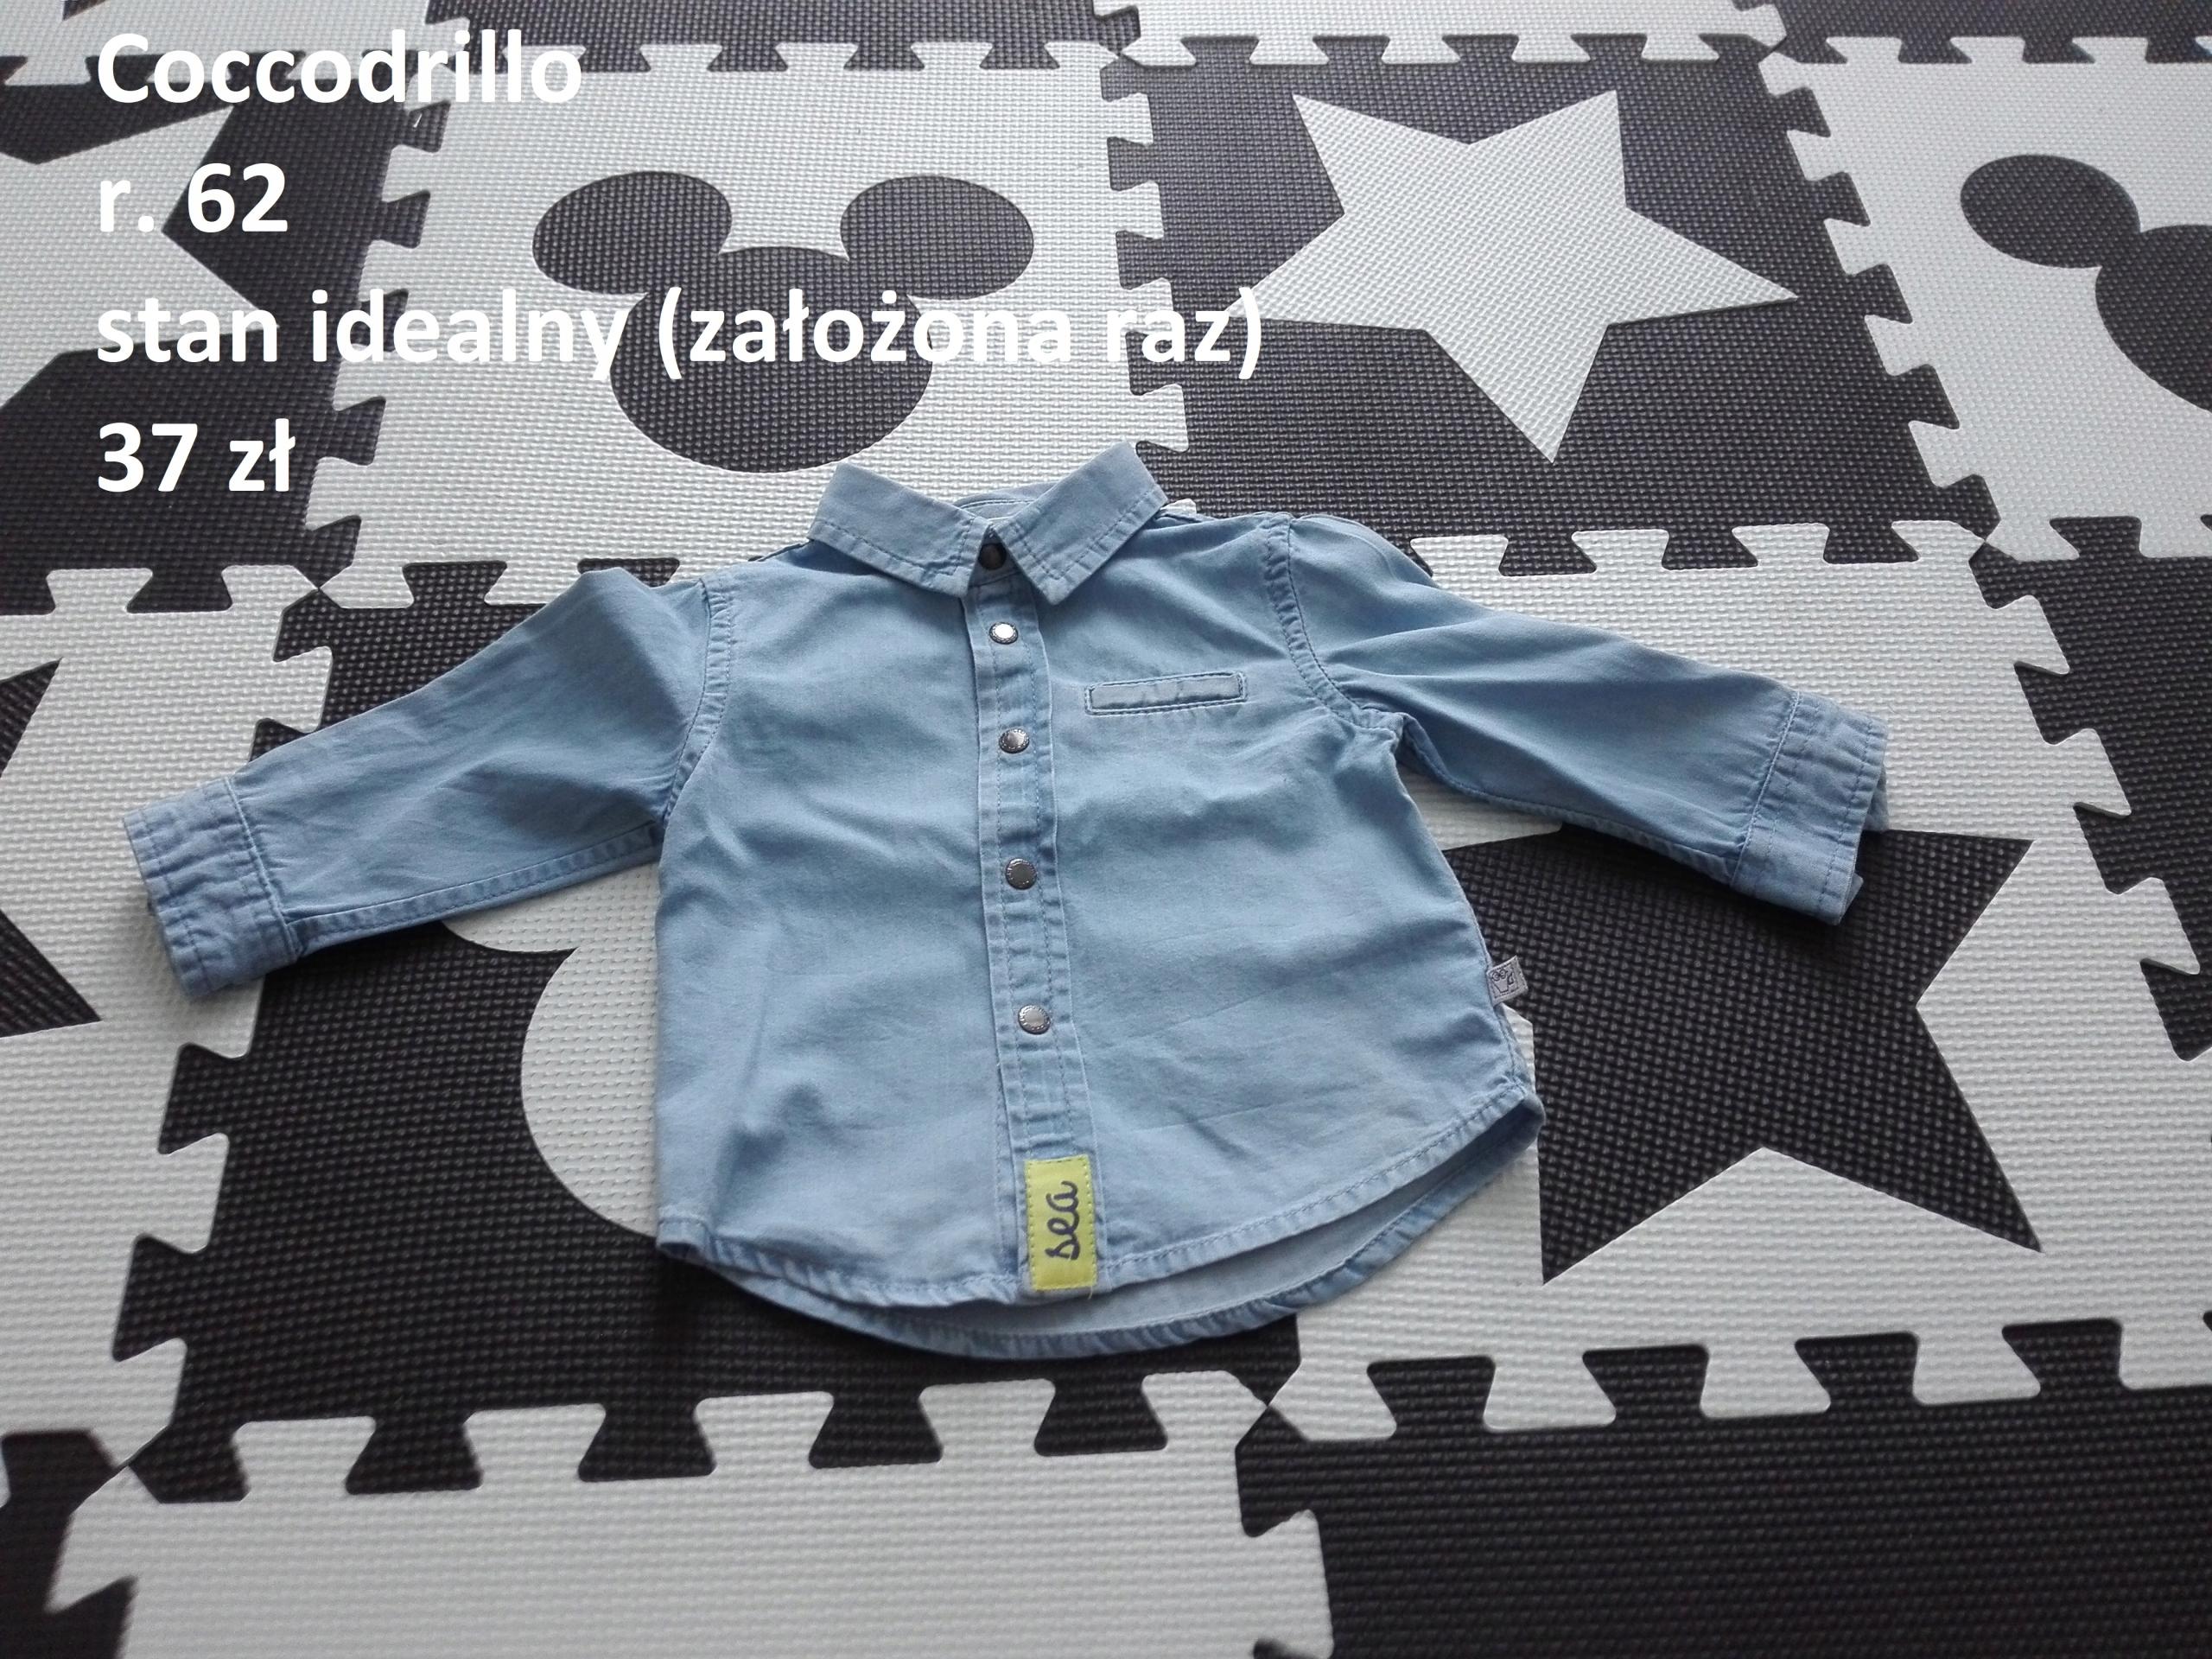 Koszula jeansowa Coccodrillo r.62 jak NOWA